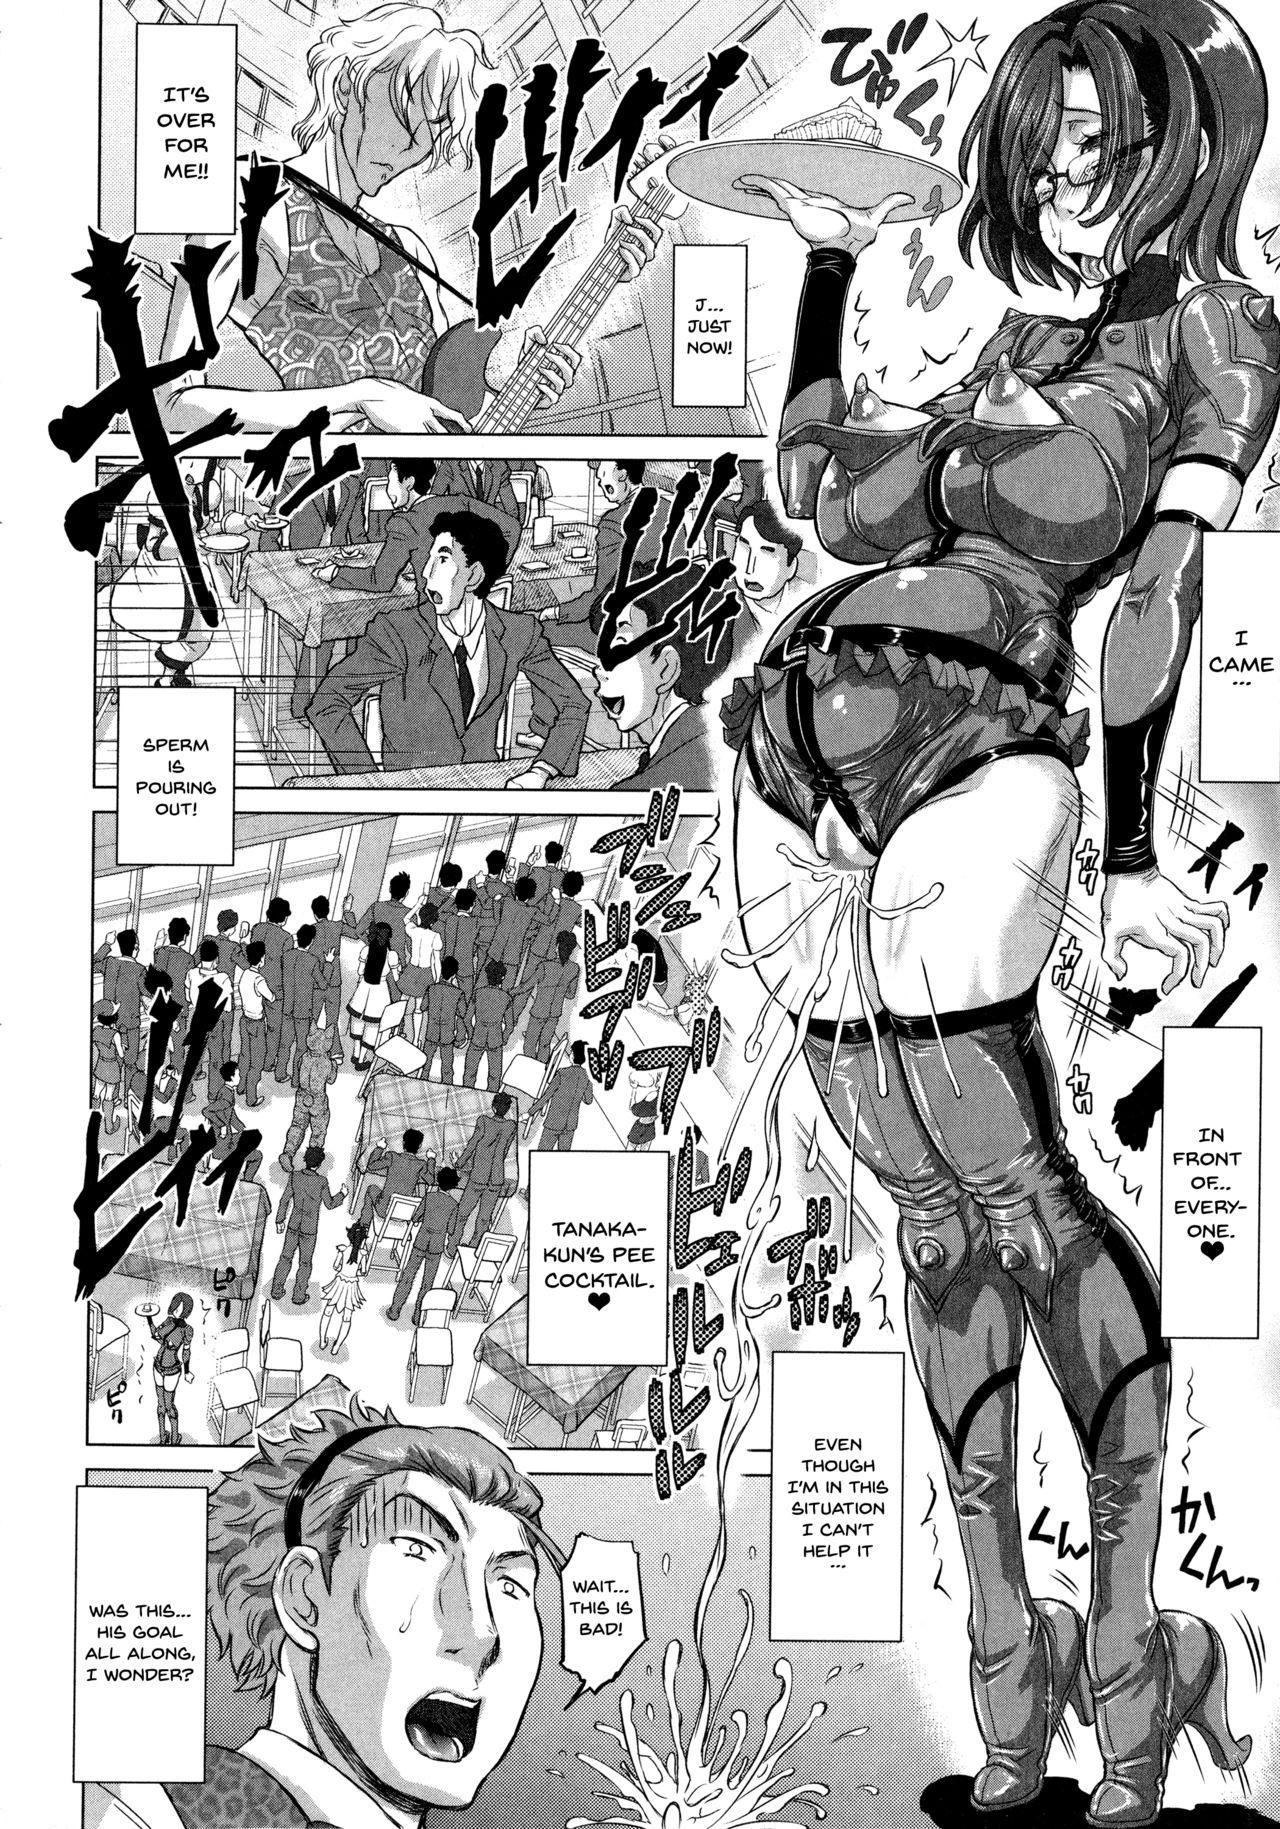 [Minority] Negative Kanako-sensei Ch. 1-3 [English] {Doujins.com} 53